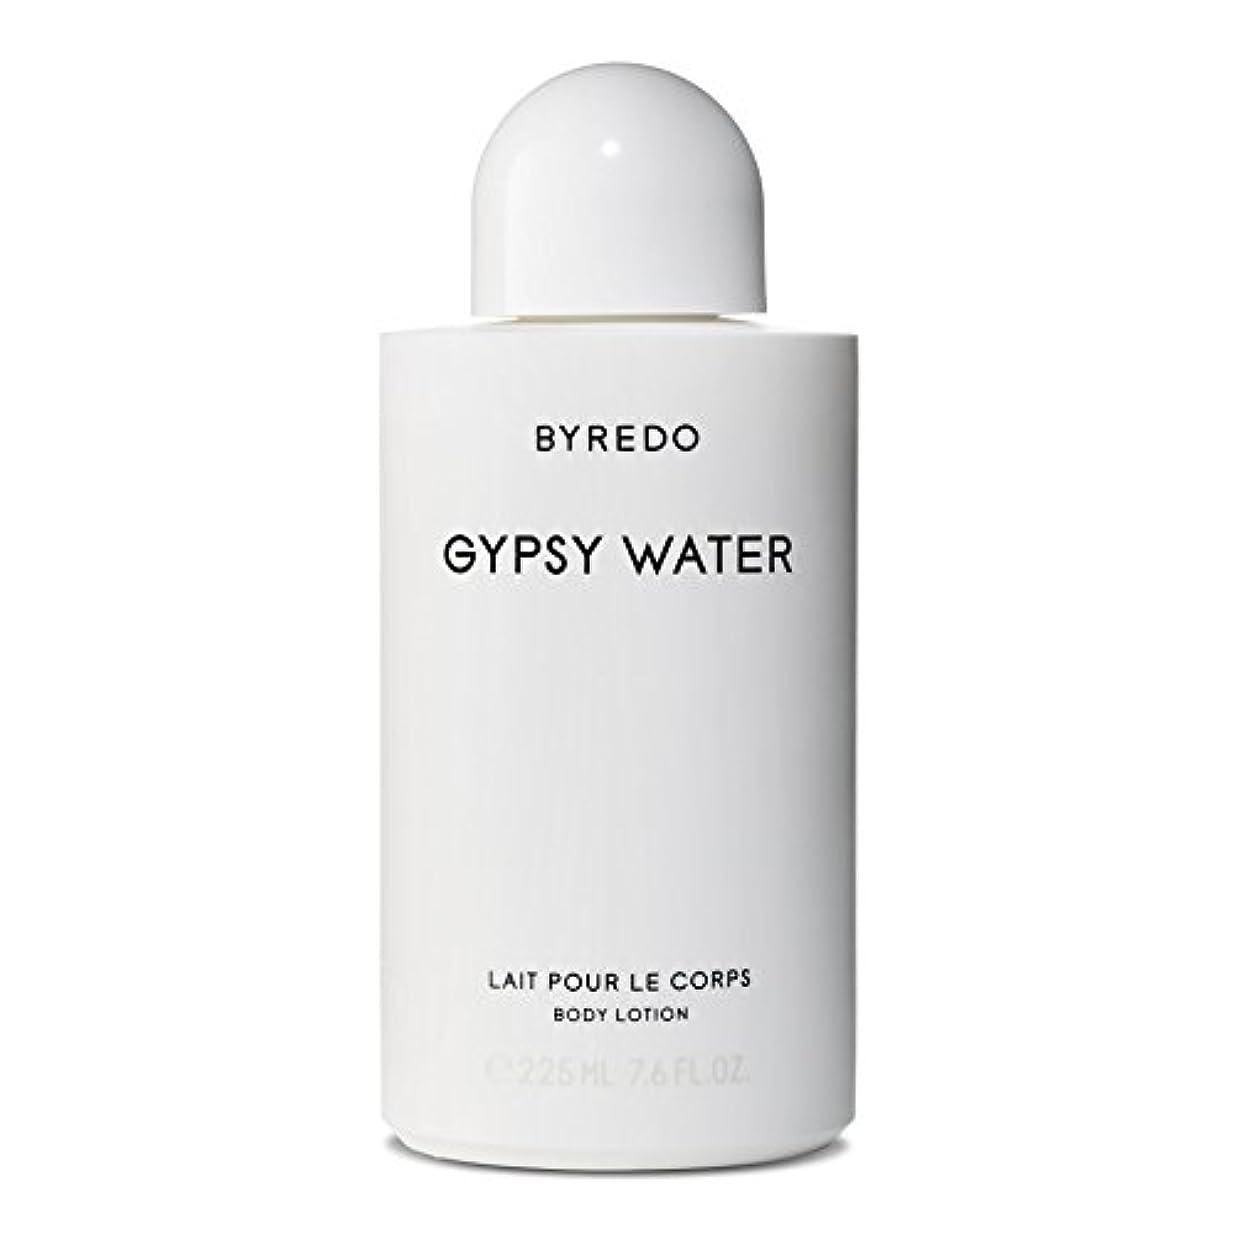 セメント成功した町Byredo Gypsy Water Body Lotion 225ml - ジプシー水ボディローション225ミリリットル [並行輸入品]